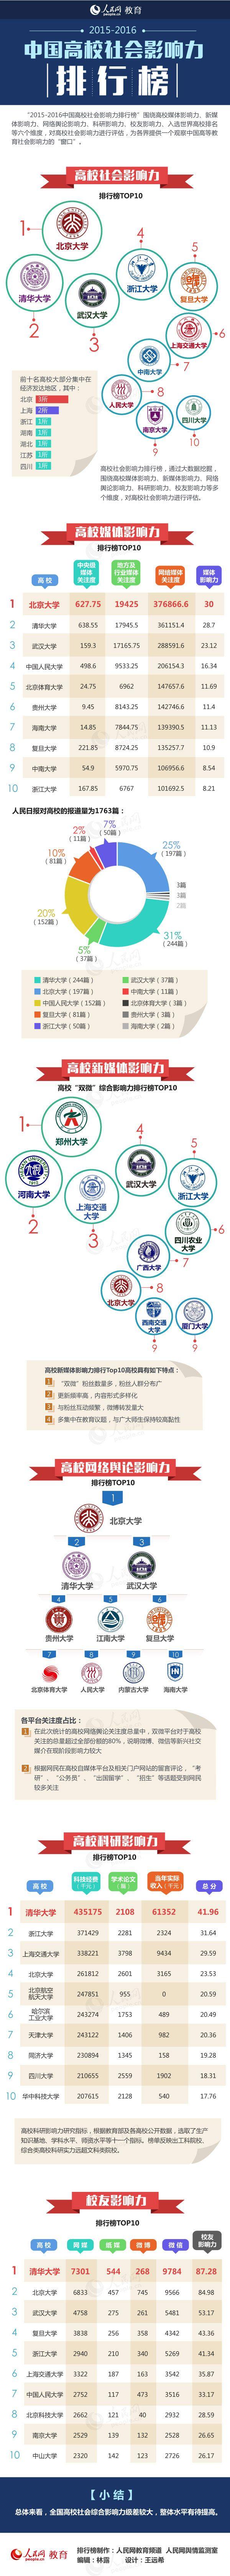 """中国与全球化智库(CCG)与北京王府学校联合发布《中国国际学校报告蓝皮书(2016)》。CCG秘书长苗绿表示,低龄留学受到越来越多中国家庭的青睐,""""一考定终身""""的教育模式正在成为历史。"""